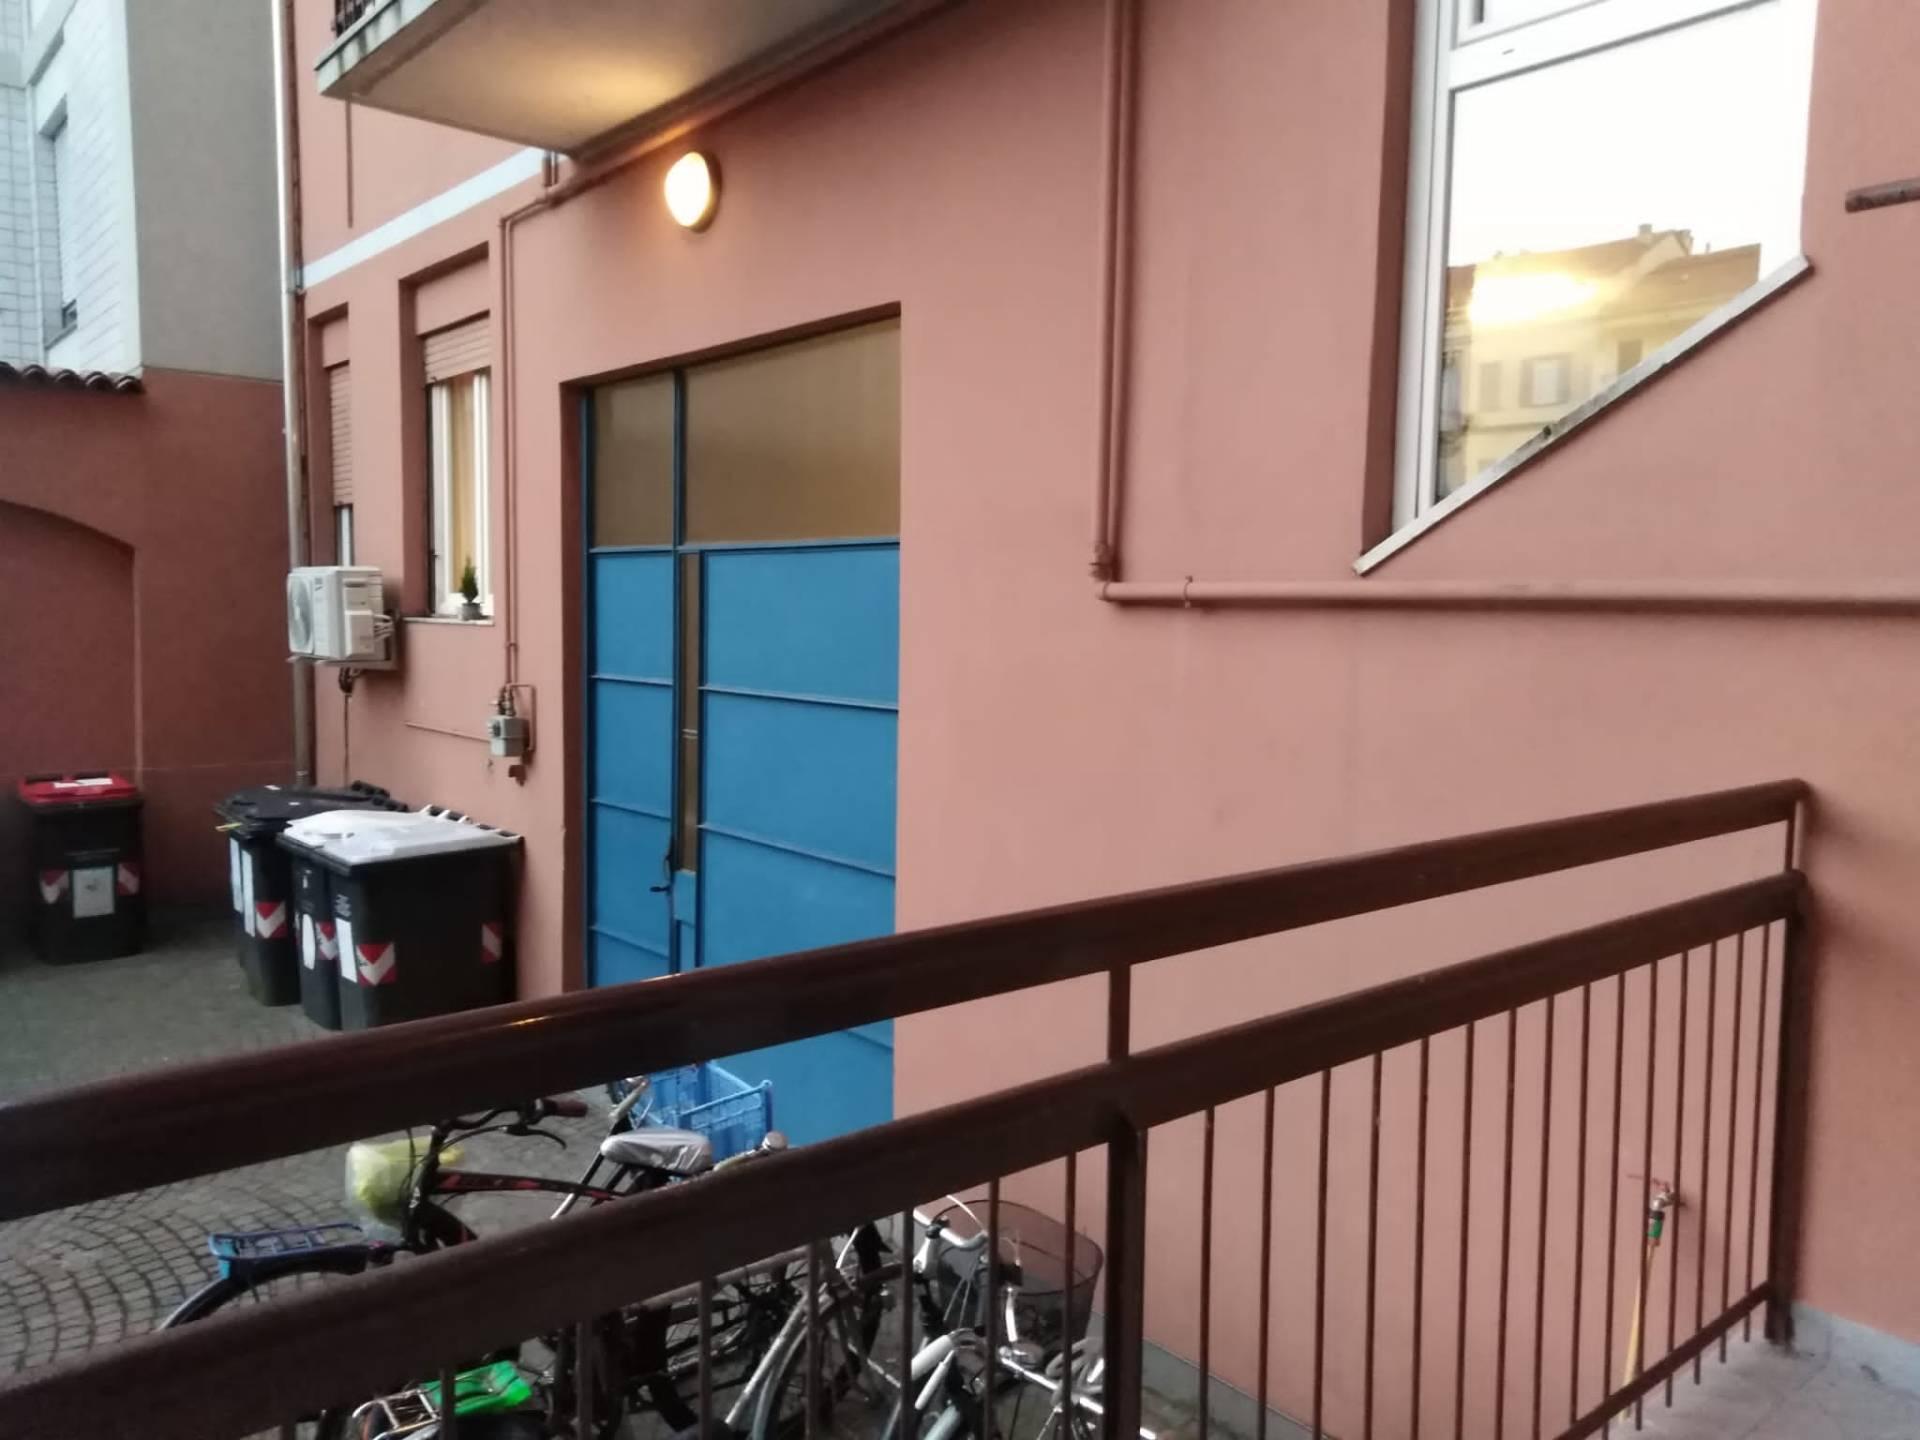 Appartamento in affitto a Novara, 3 locali, zona Zona: Centro, prezzo € 850 | CambioCasa.it